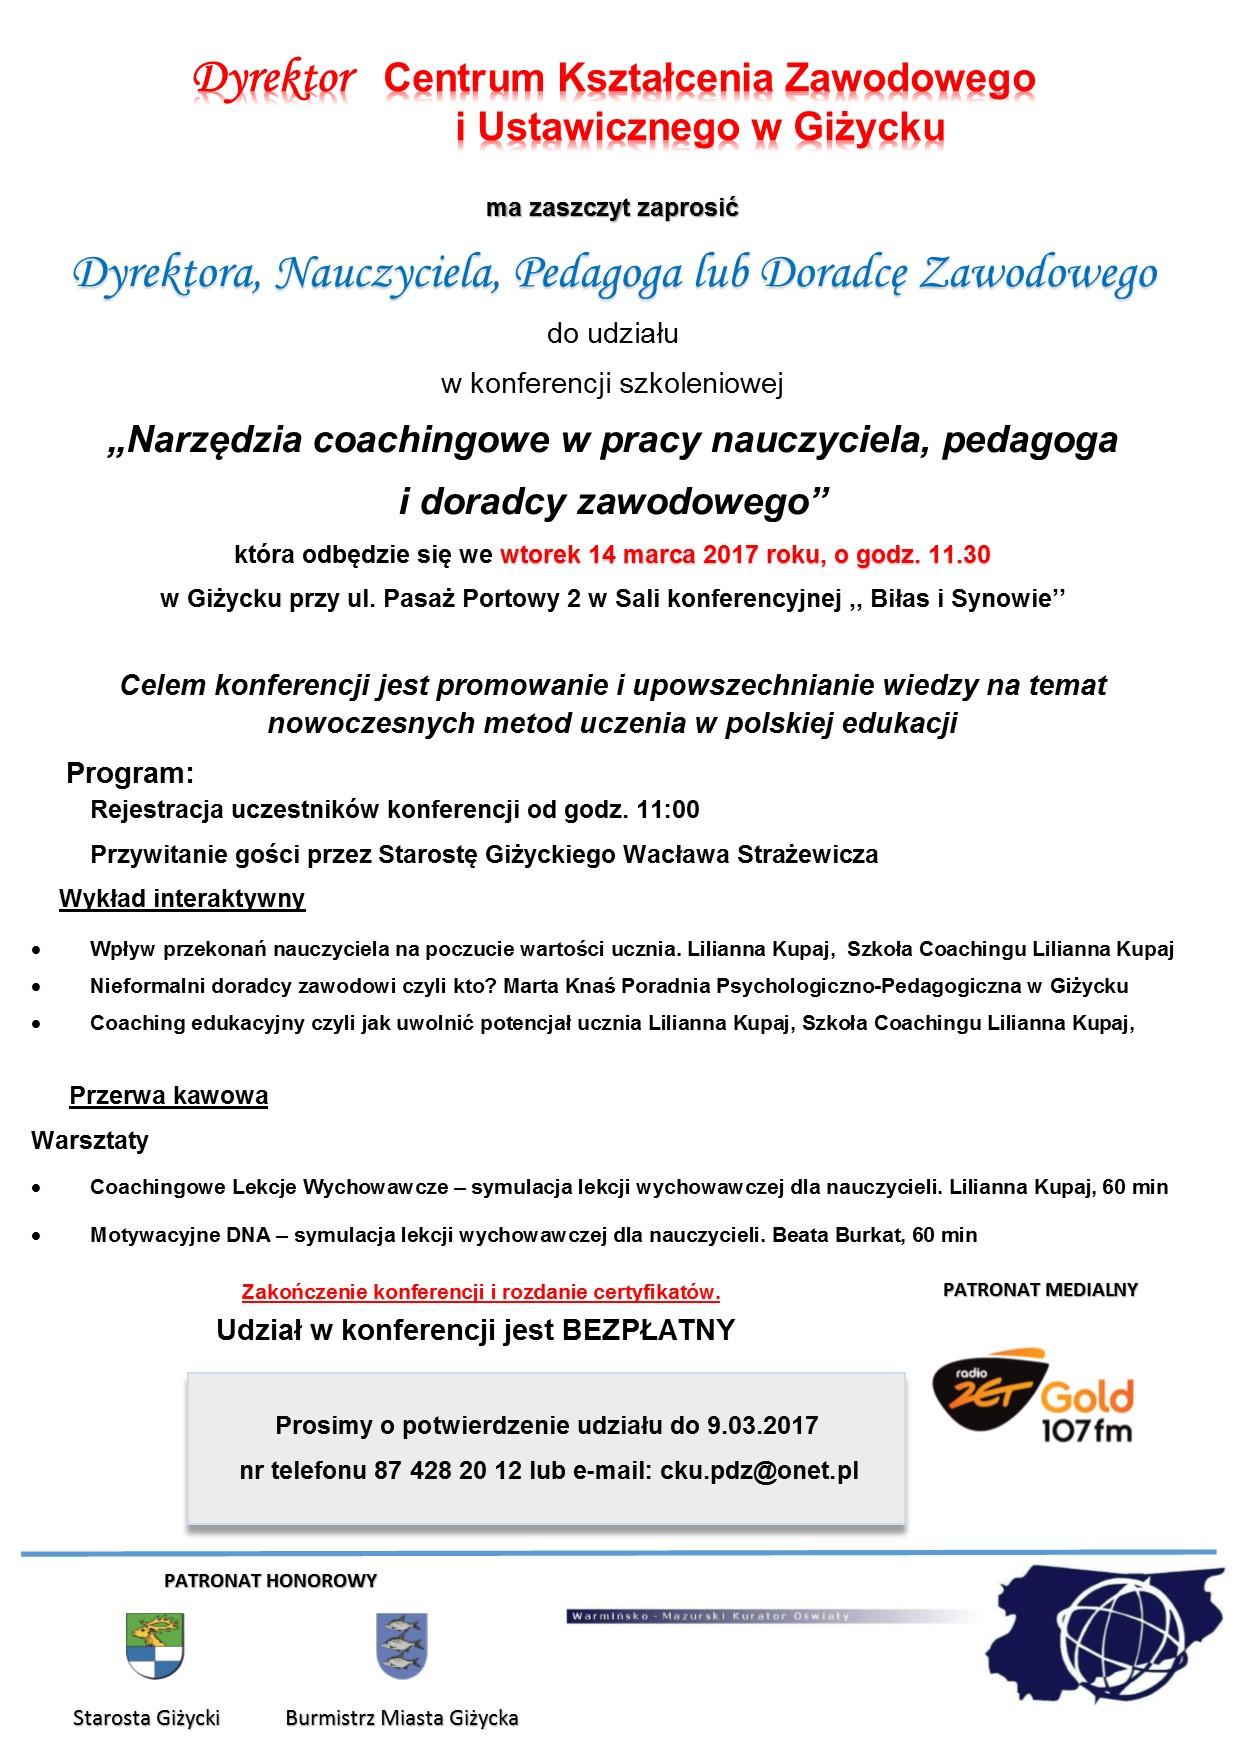 Zaproszenie Na Konferencję Portal Informacyjny Powiatu Giżyckiego